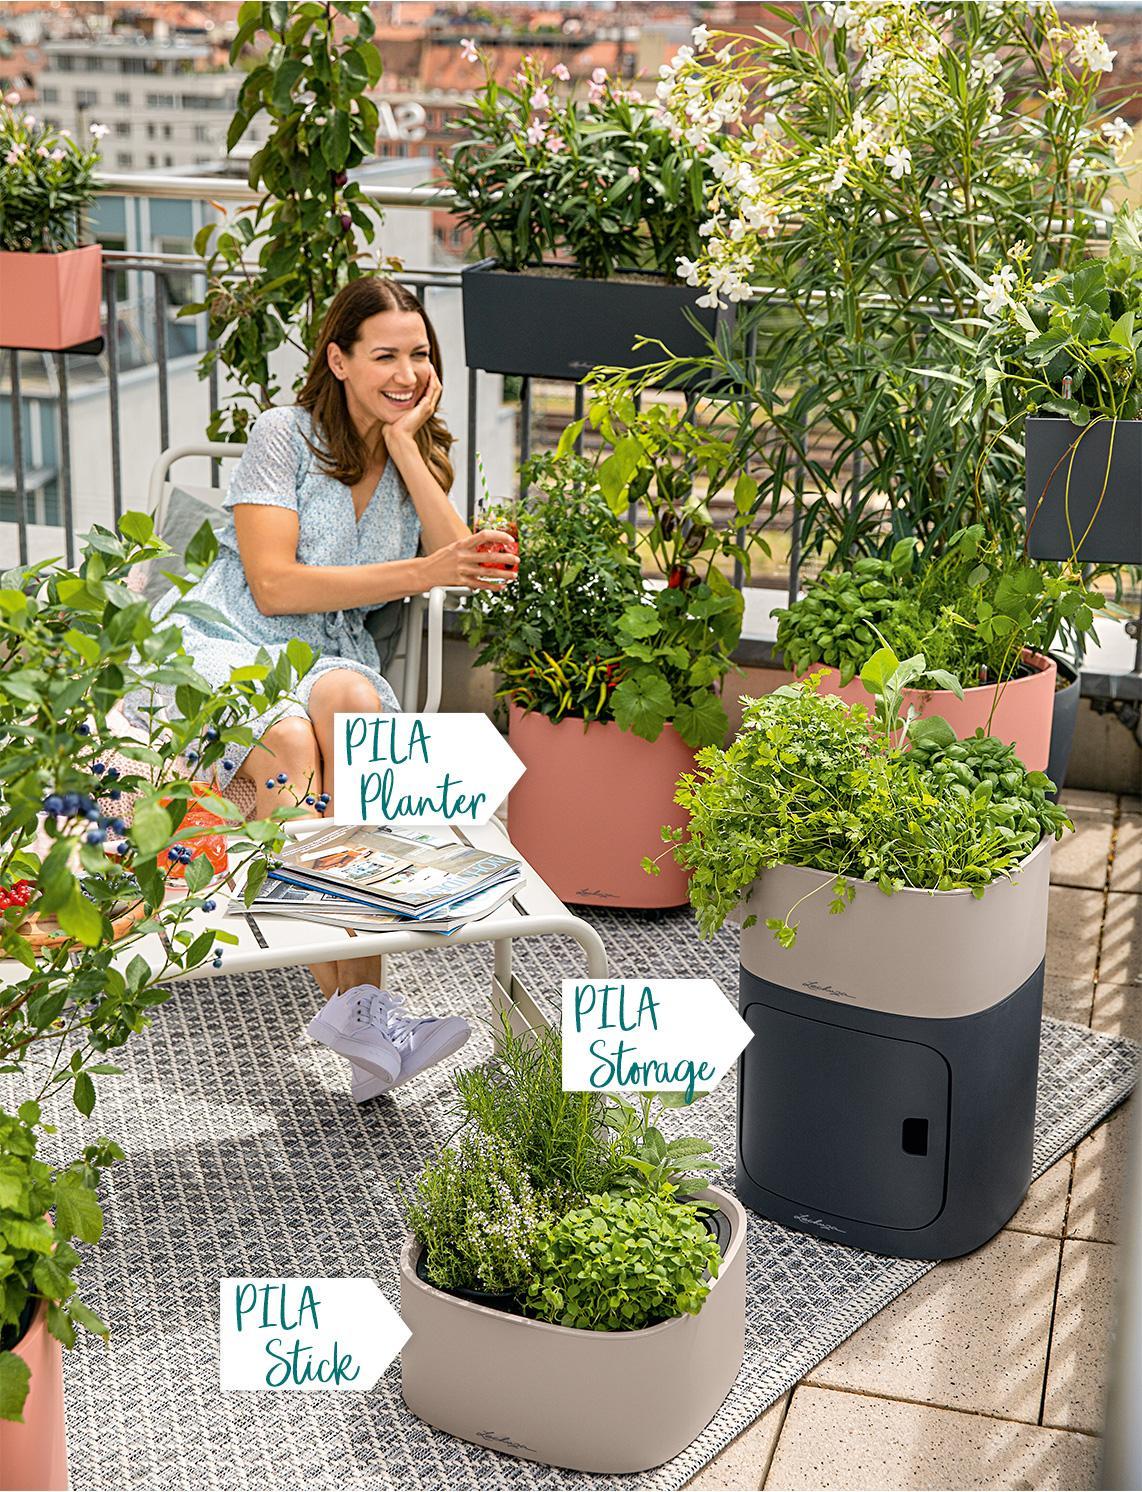 Moeder en dochter zitten op balkon met beplante PILA-plantbakken